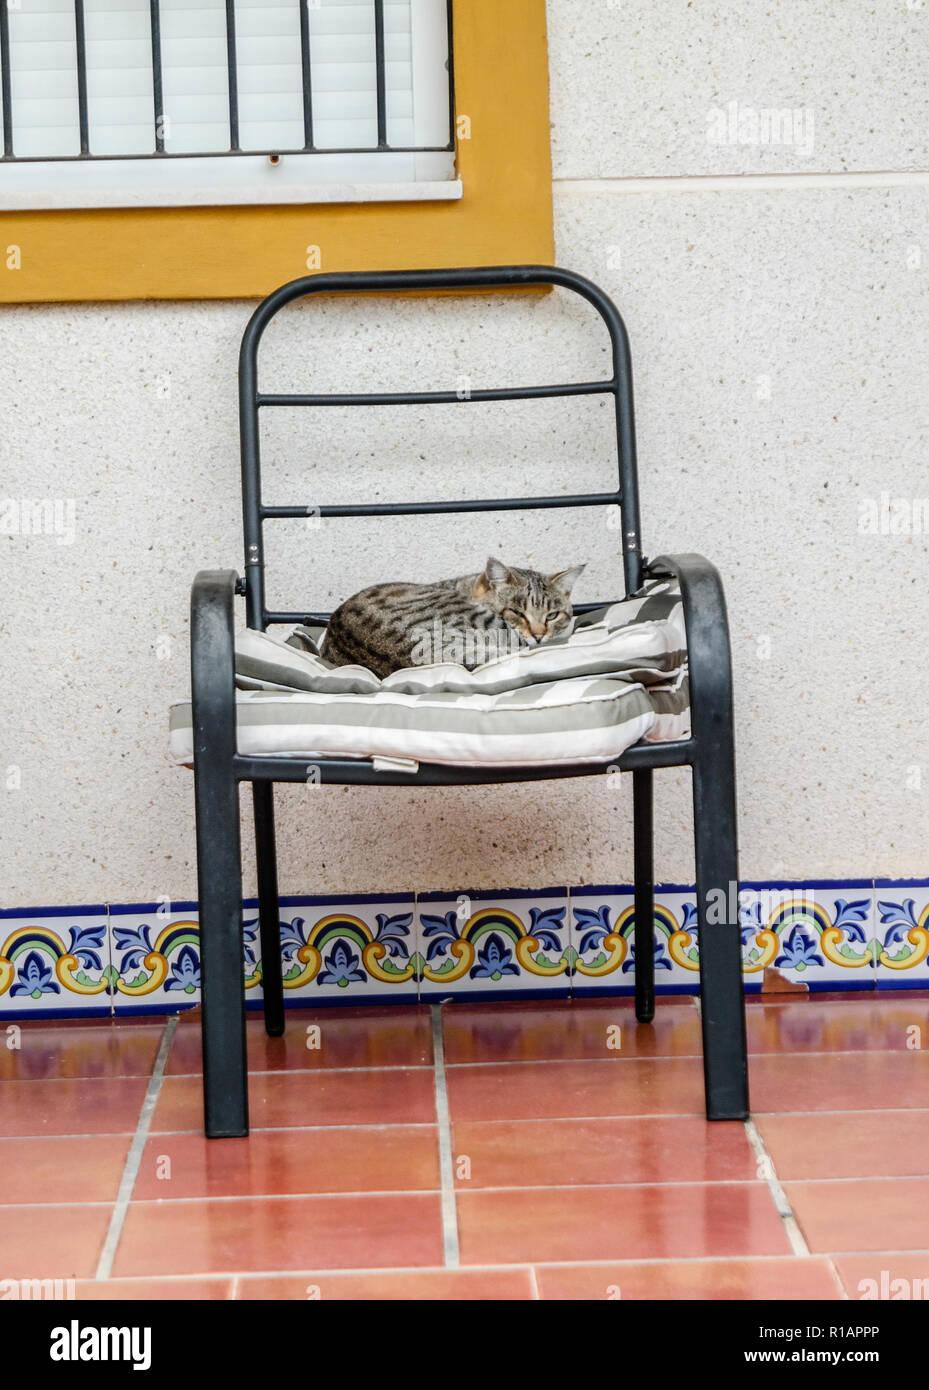 La hora de la siesta de gato Imagen De Stock